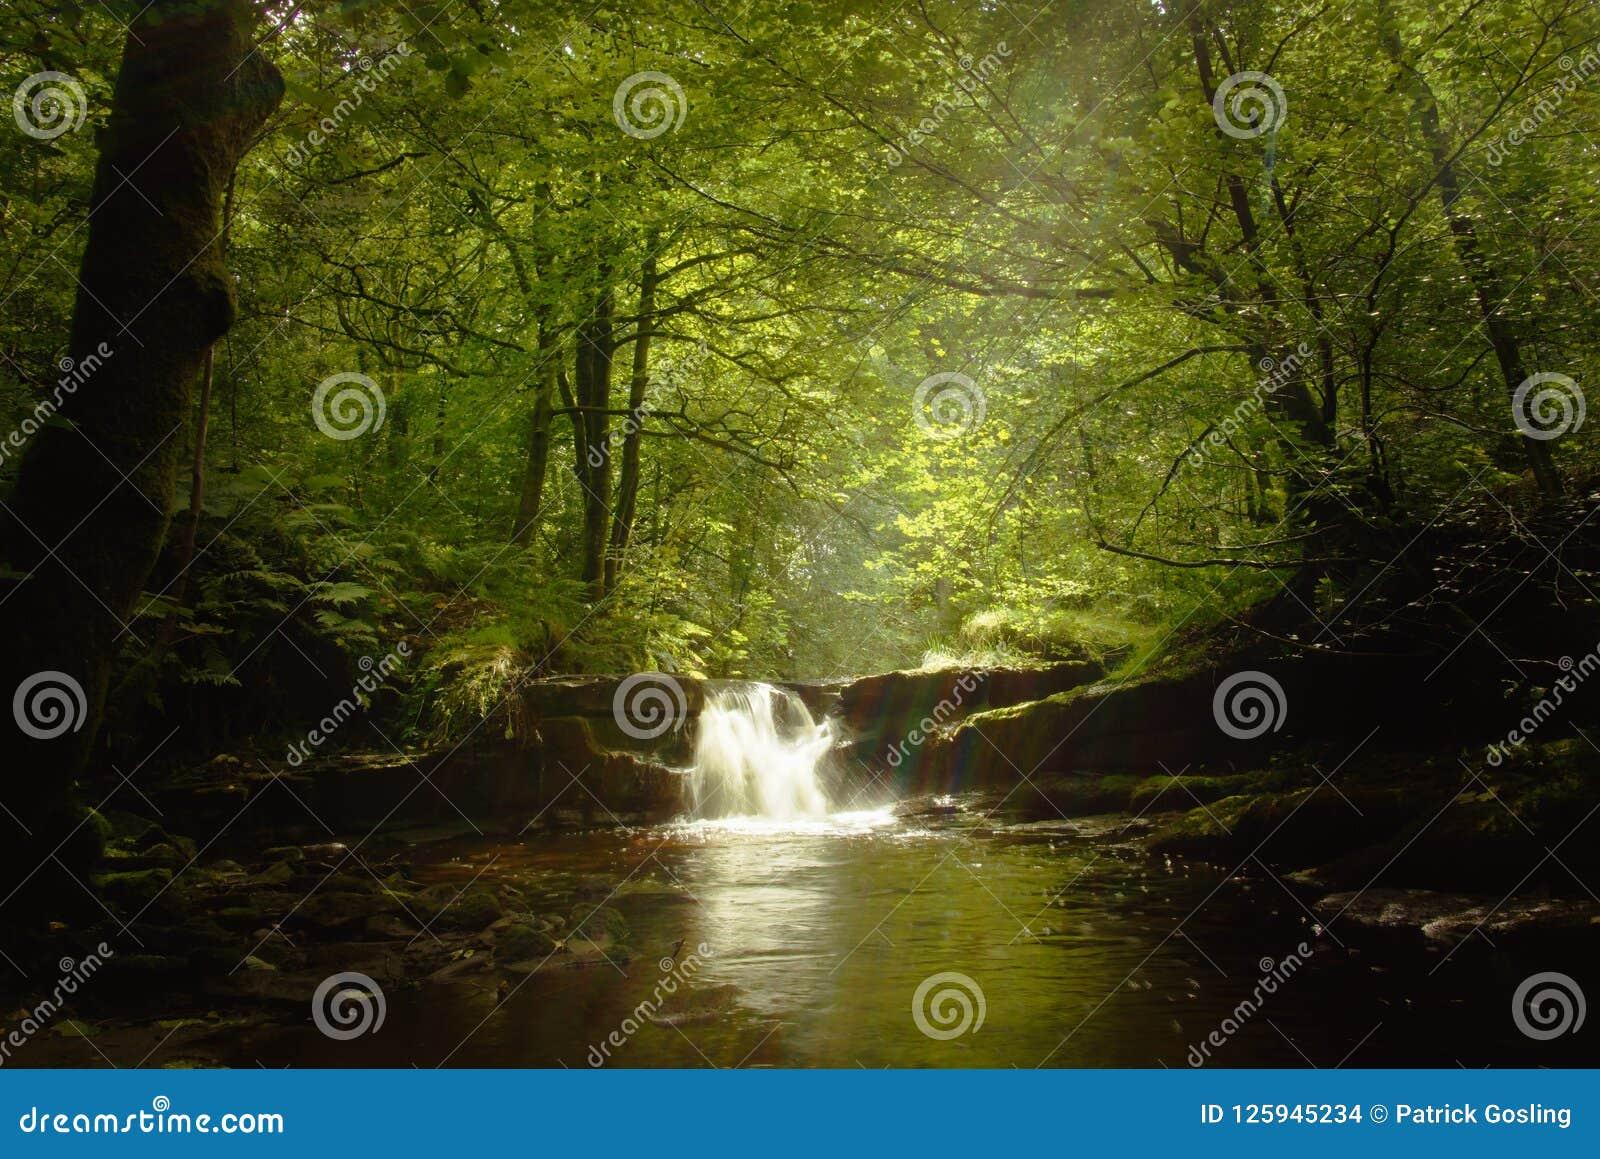 Cachoeira após a chuva